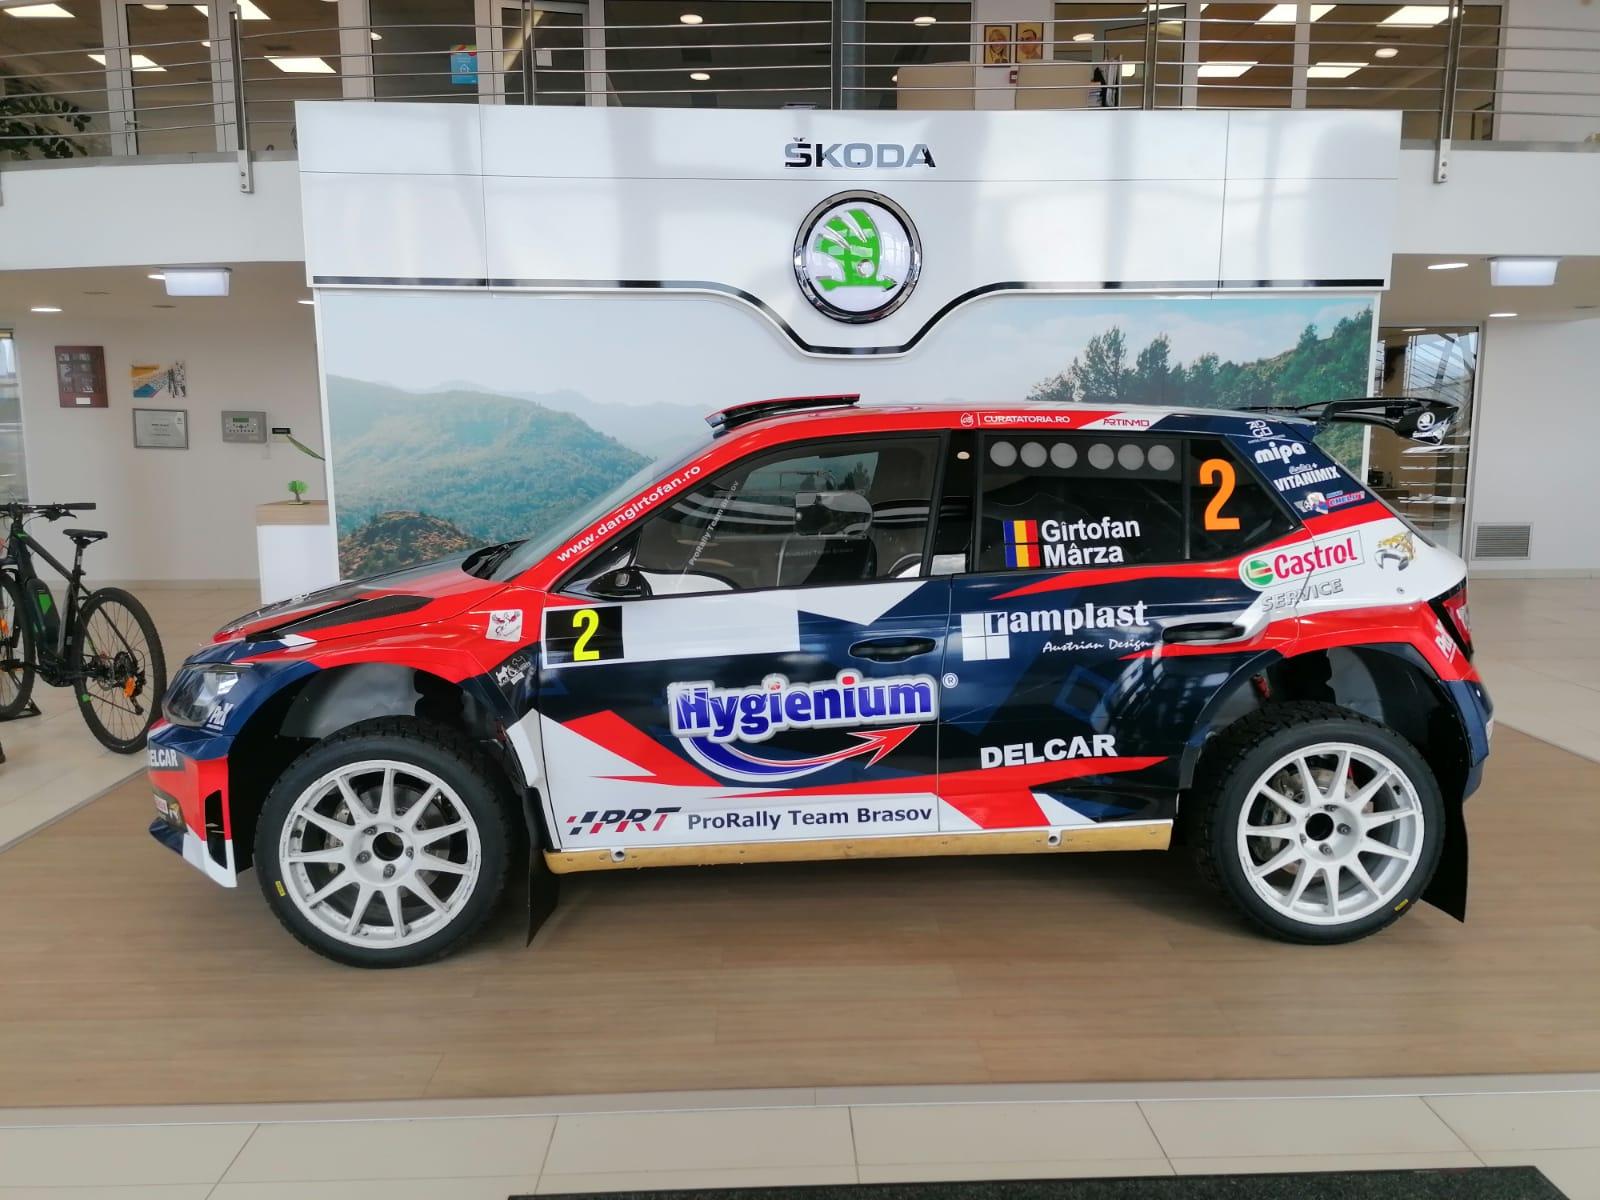 Premieră în Campionatul Național de Raliuri: Hygienium susține echipa ProRally Team Brașov